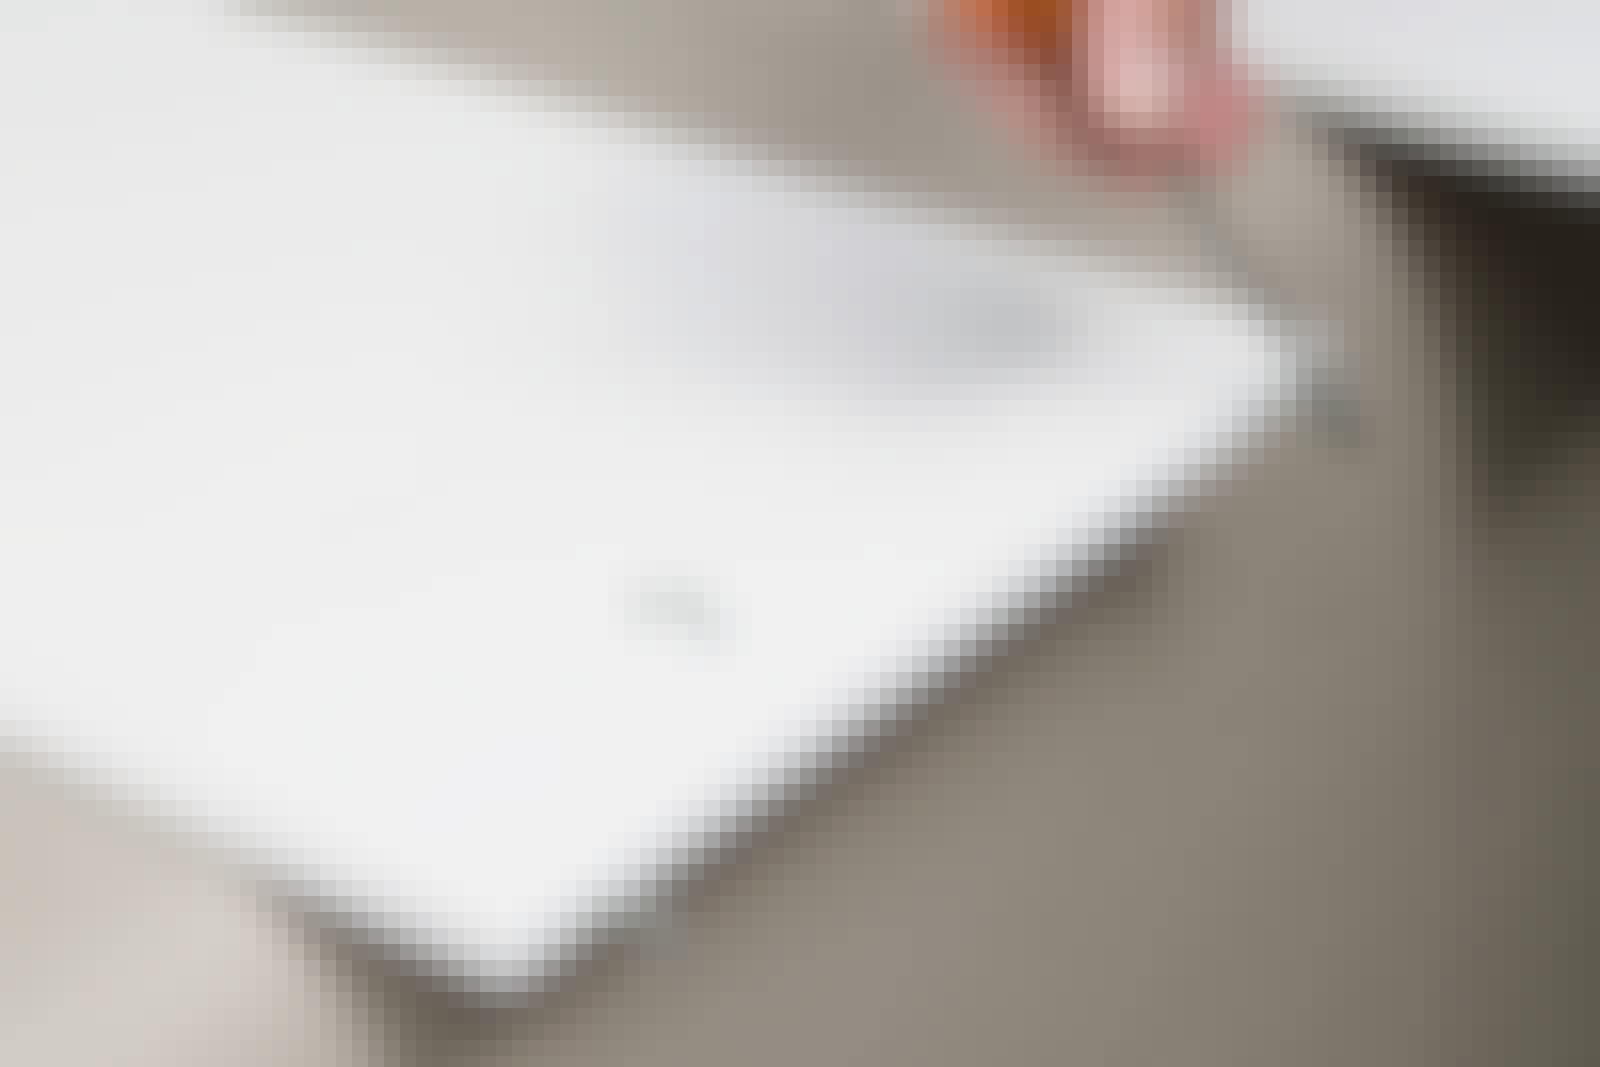 Sprøjtemaling: Hvis du hænger emnet op i et par kroge, er det nemt at male alle flader på en gang.